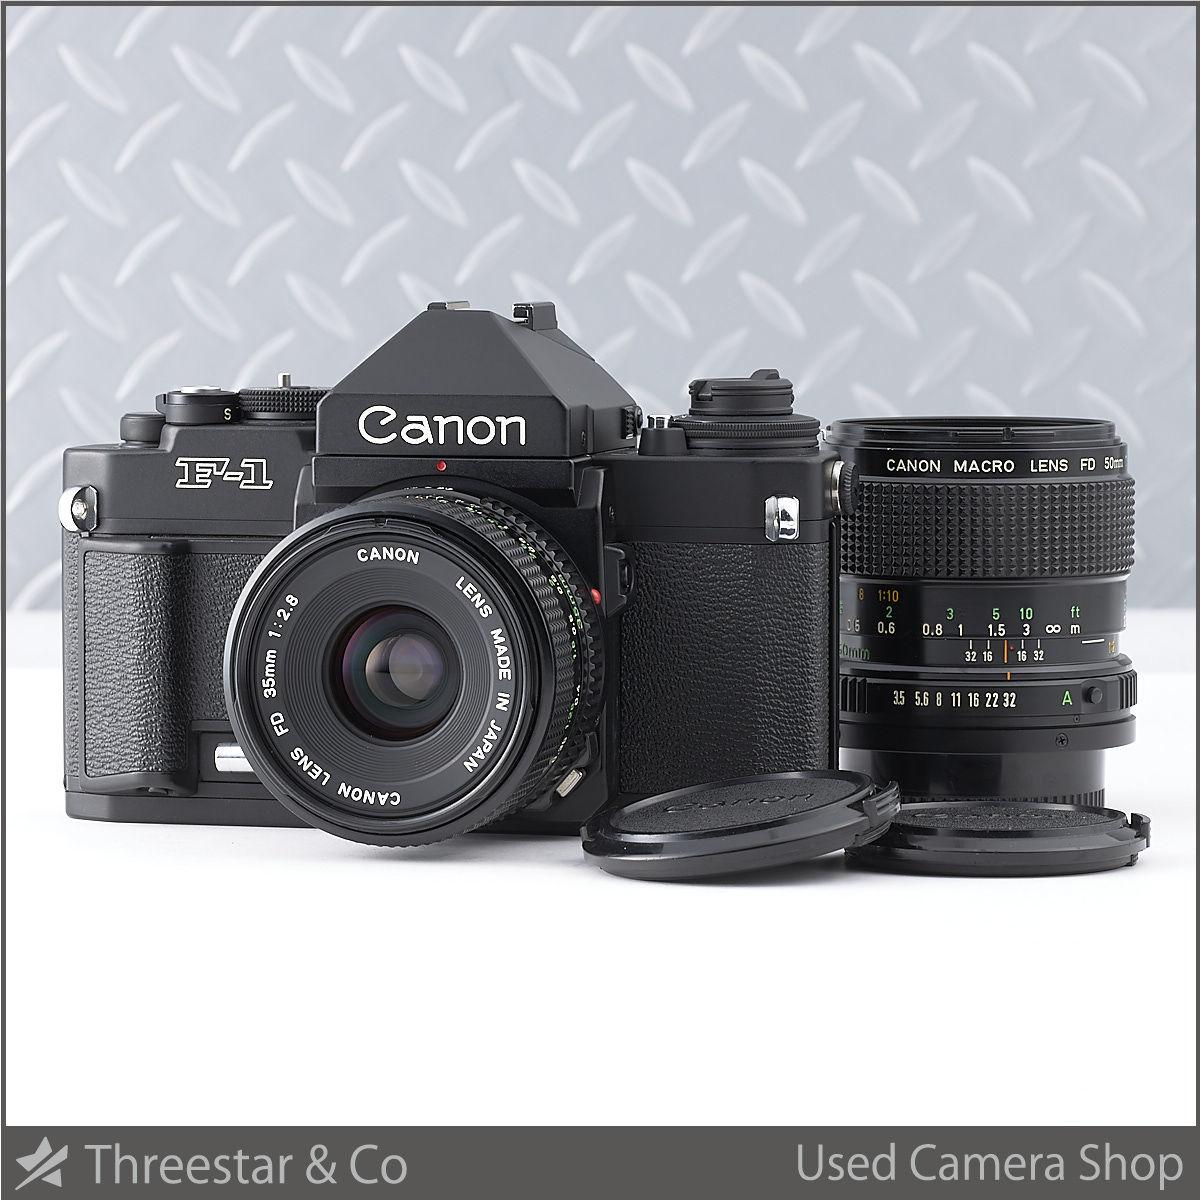 1円~ CANON NEW F-1 アイレベル NEW FD 35mm 1:2.8 MACRO 50mm 1:3.5 セット きれいでオススメ!!